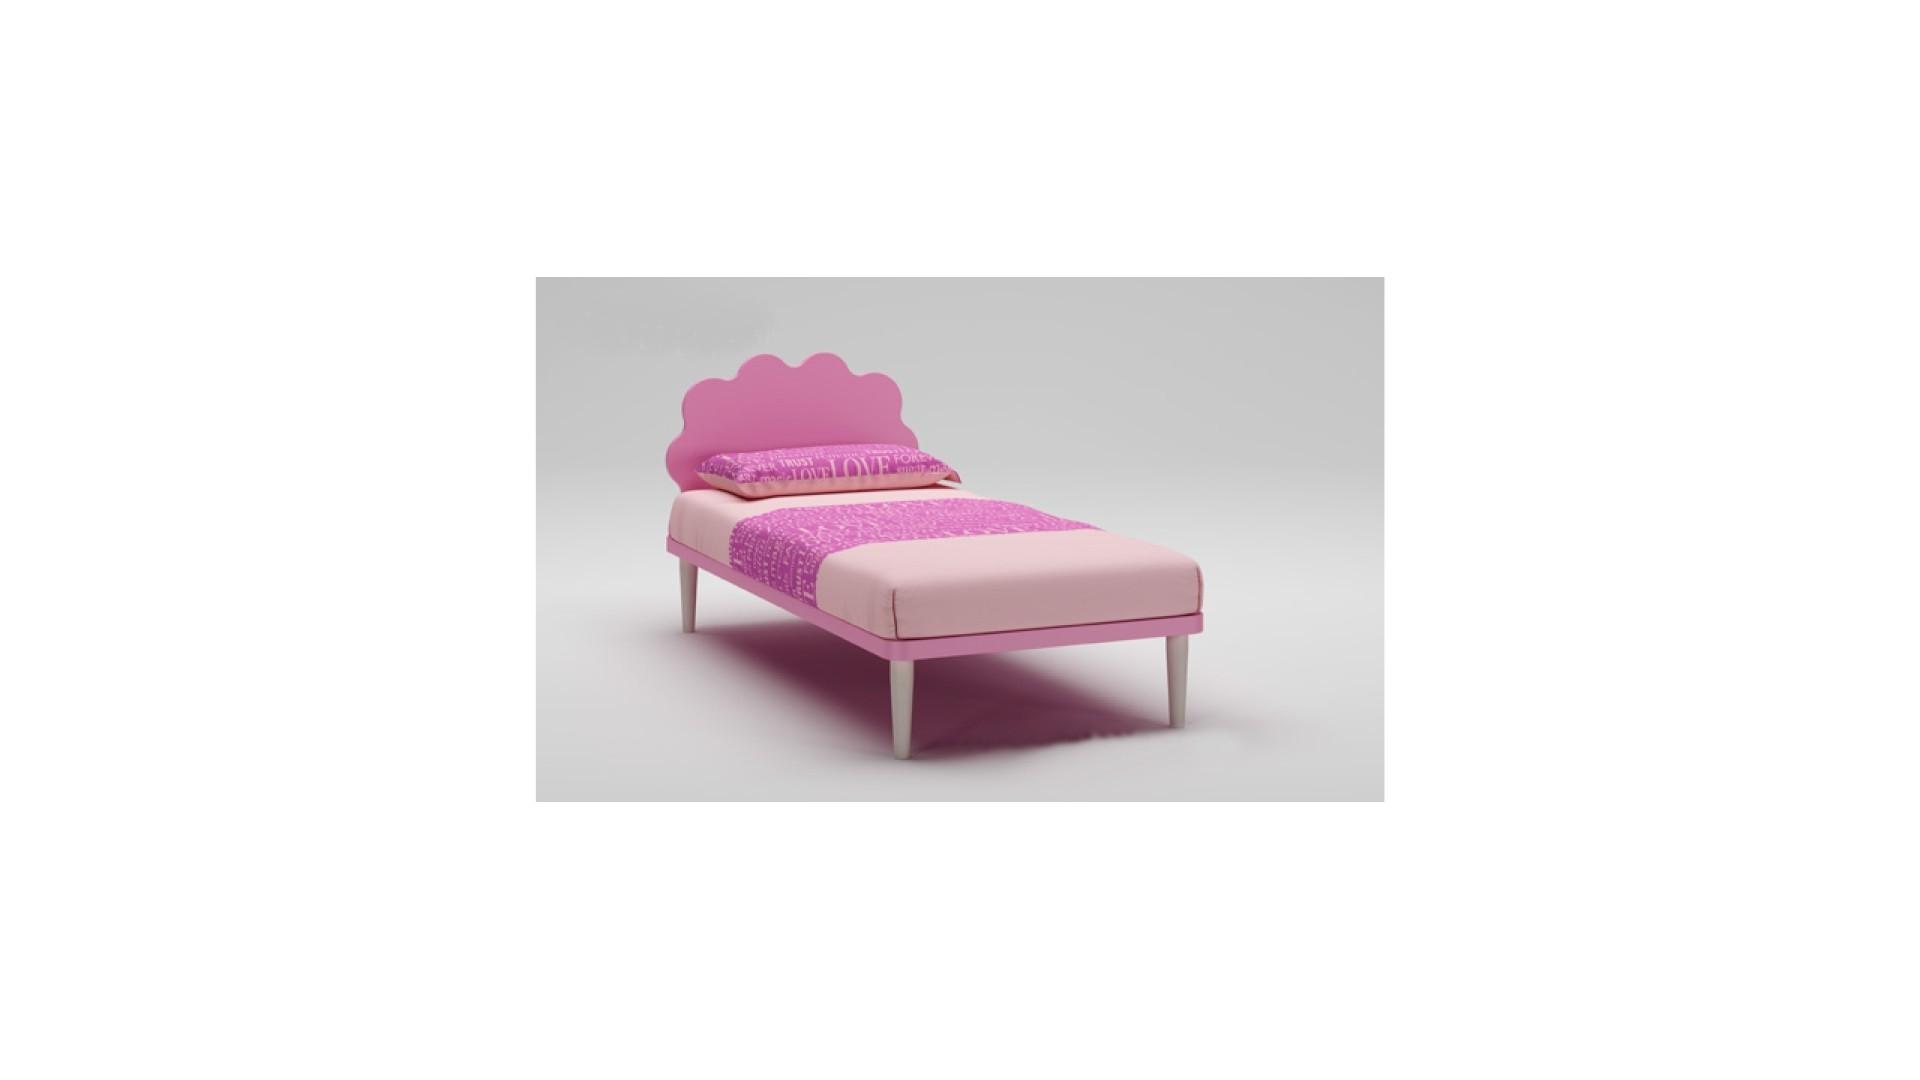 Lit Fille PERSONNALISABLE WL020 de 90 x 200 couleur poudré - MORETTI COMPACT